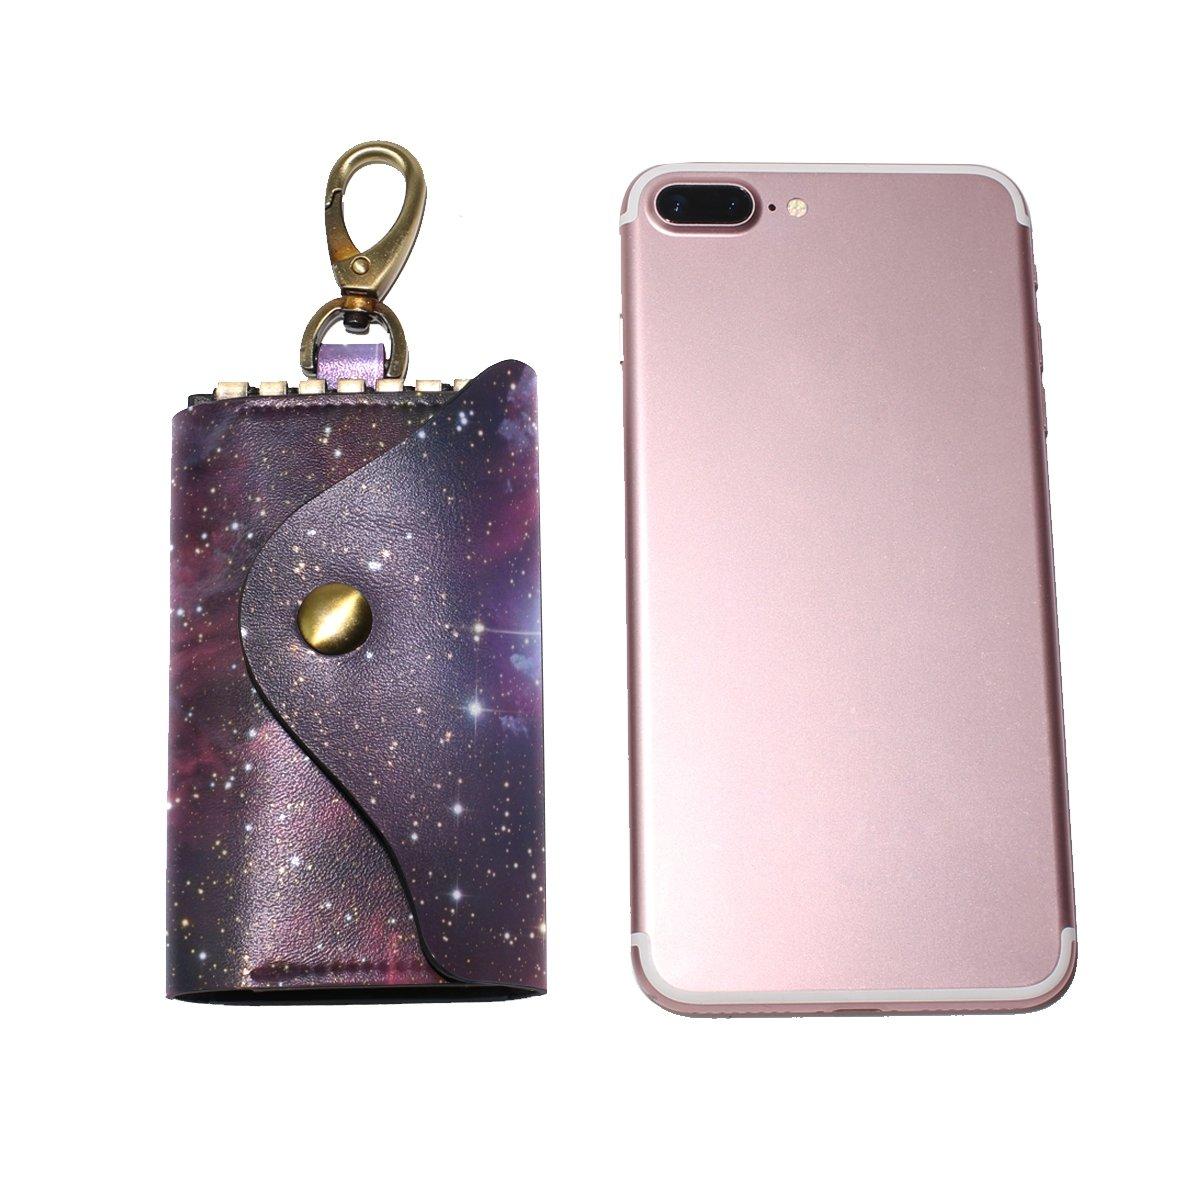 DEYYA Universe Space Nebula Star Leather Key Case Wallets Unisex Keychain Key Holder with 6 Hooks Snap Closure